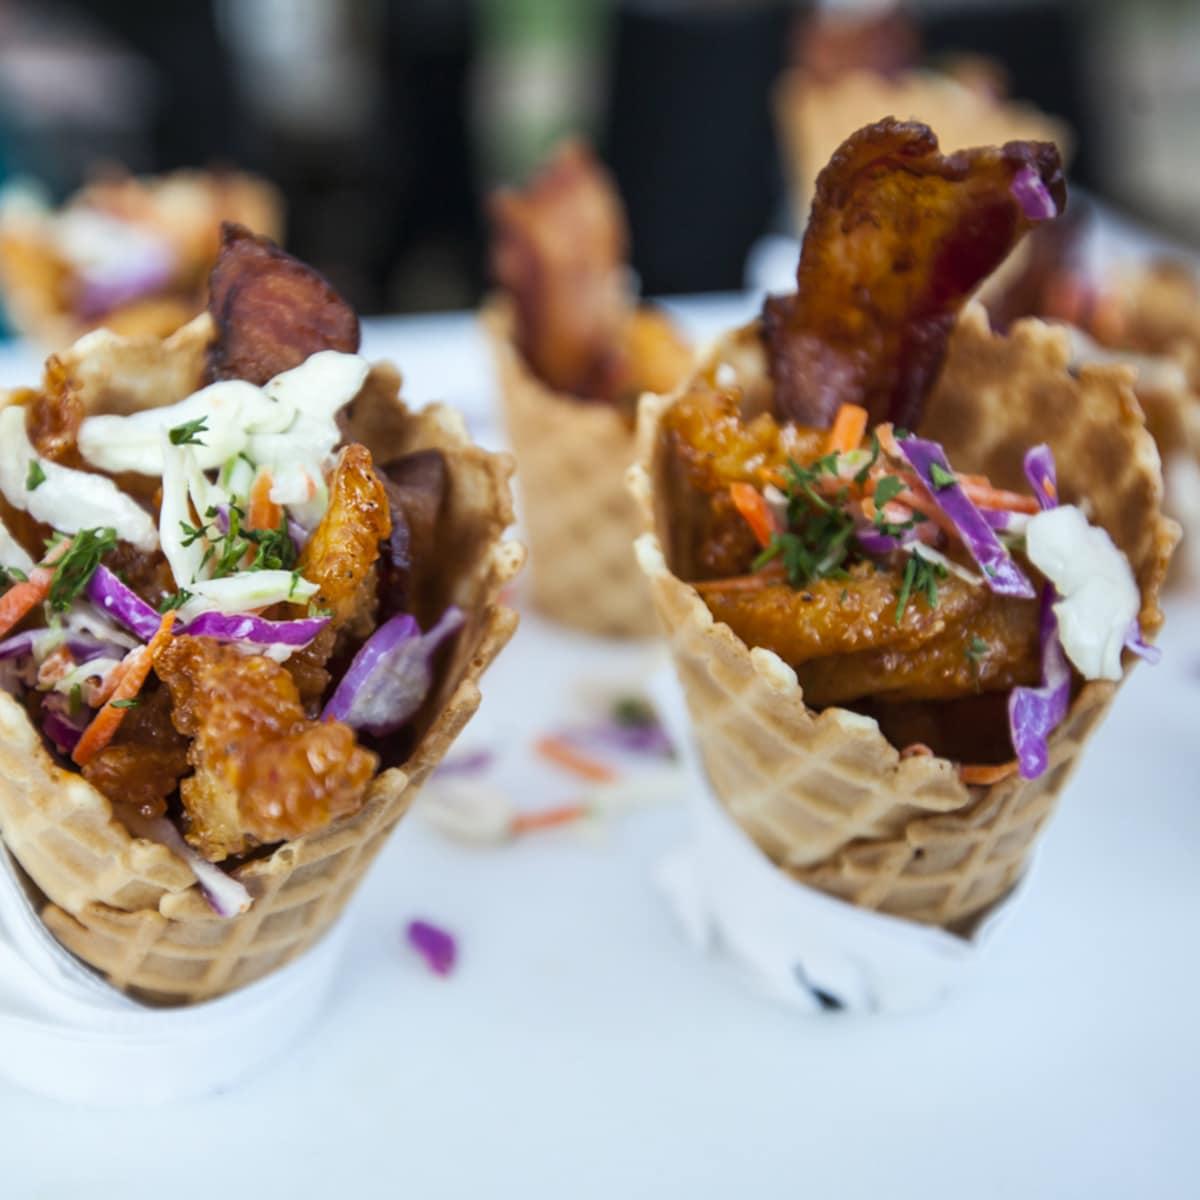 La Dolce Vita Food and Wine Festival The Contemporary Austin chicken waffle cone sample 2014